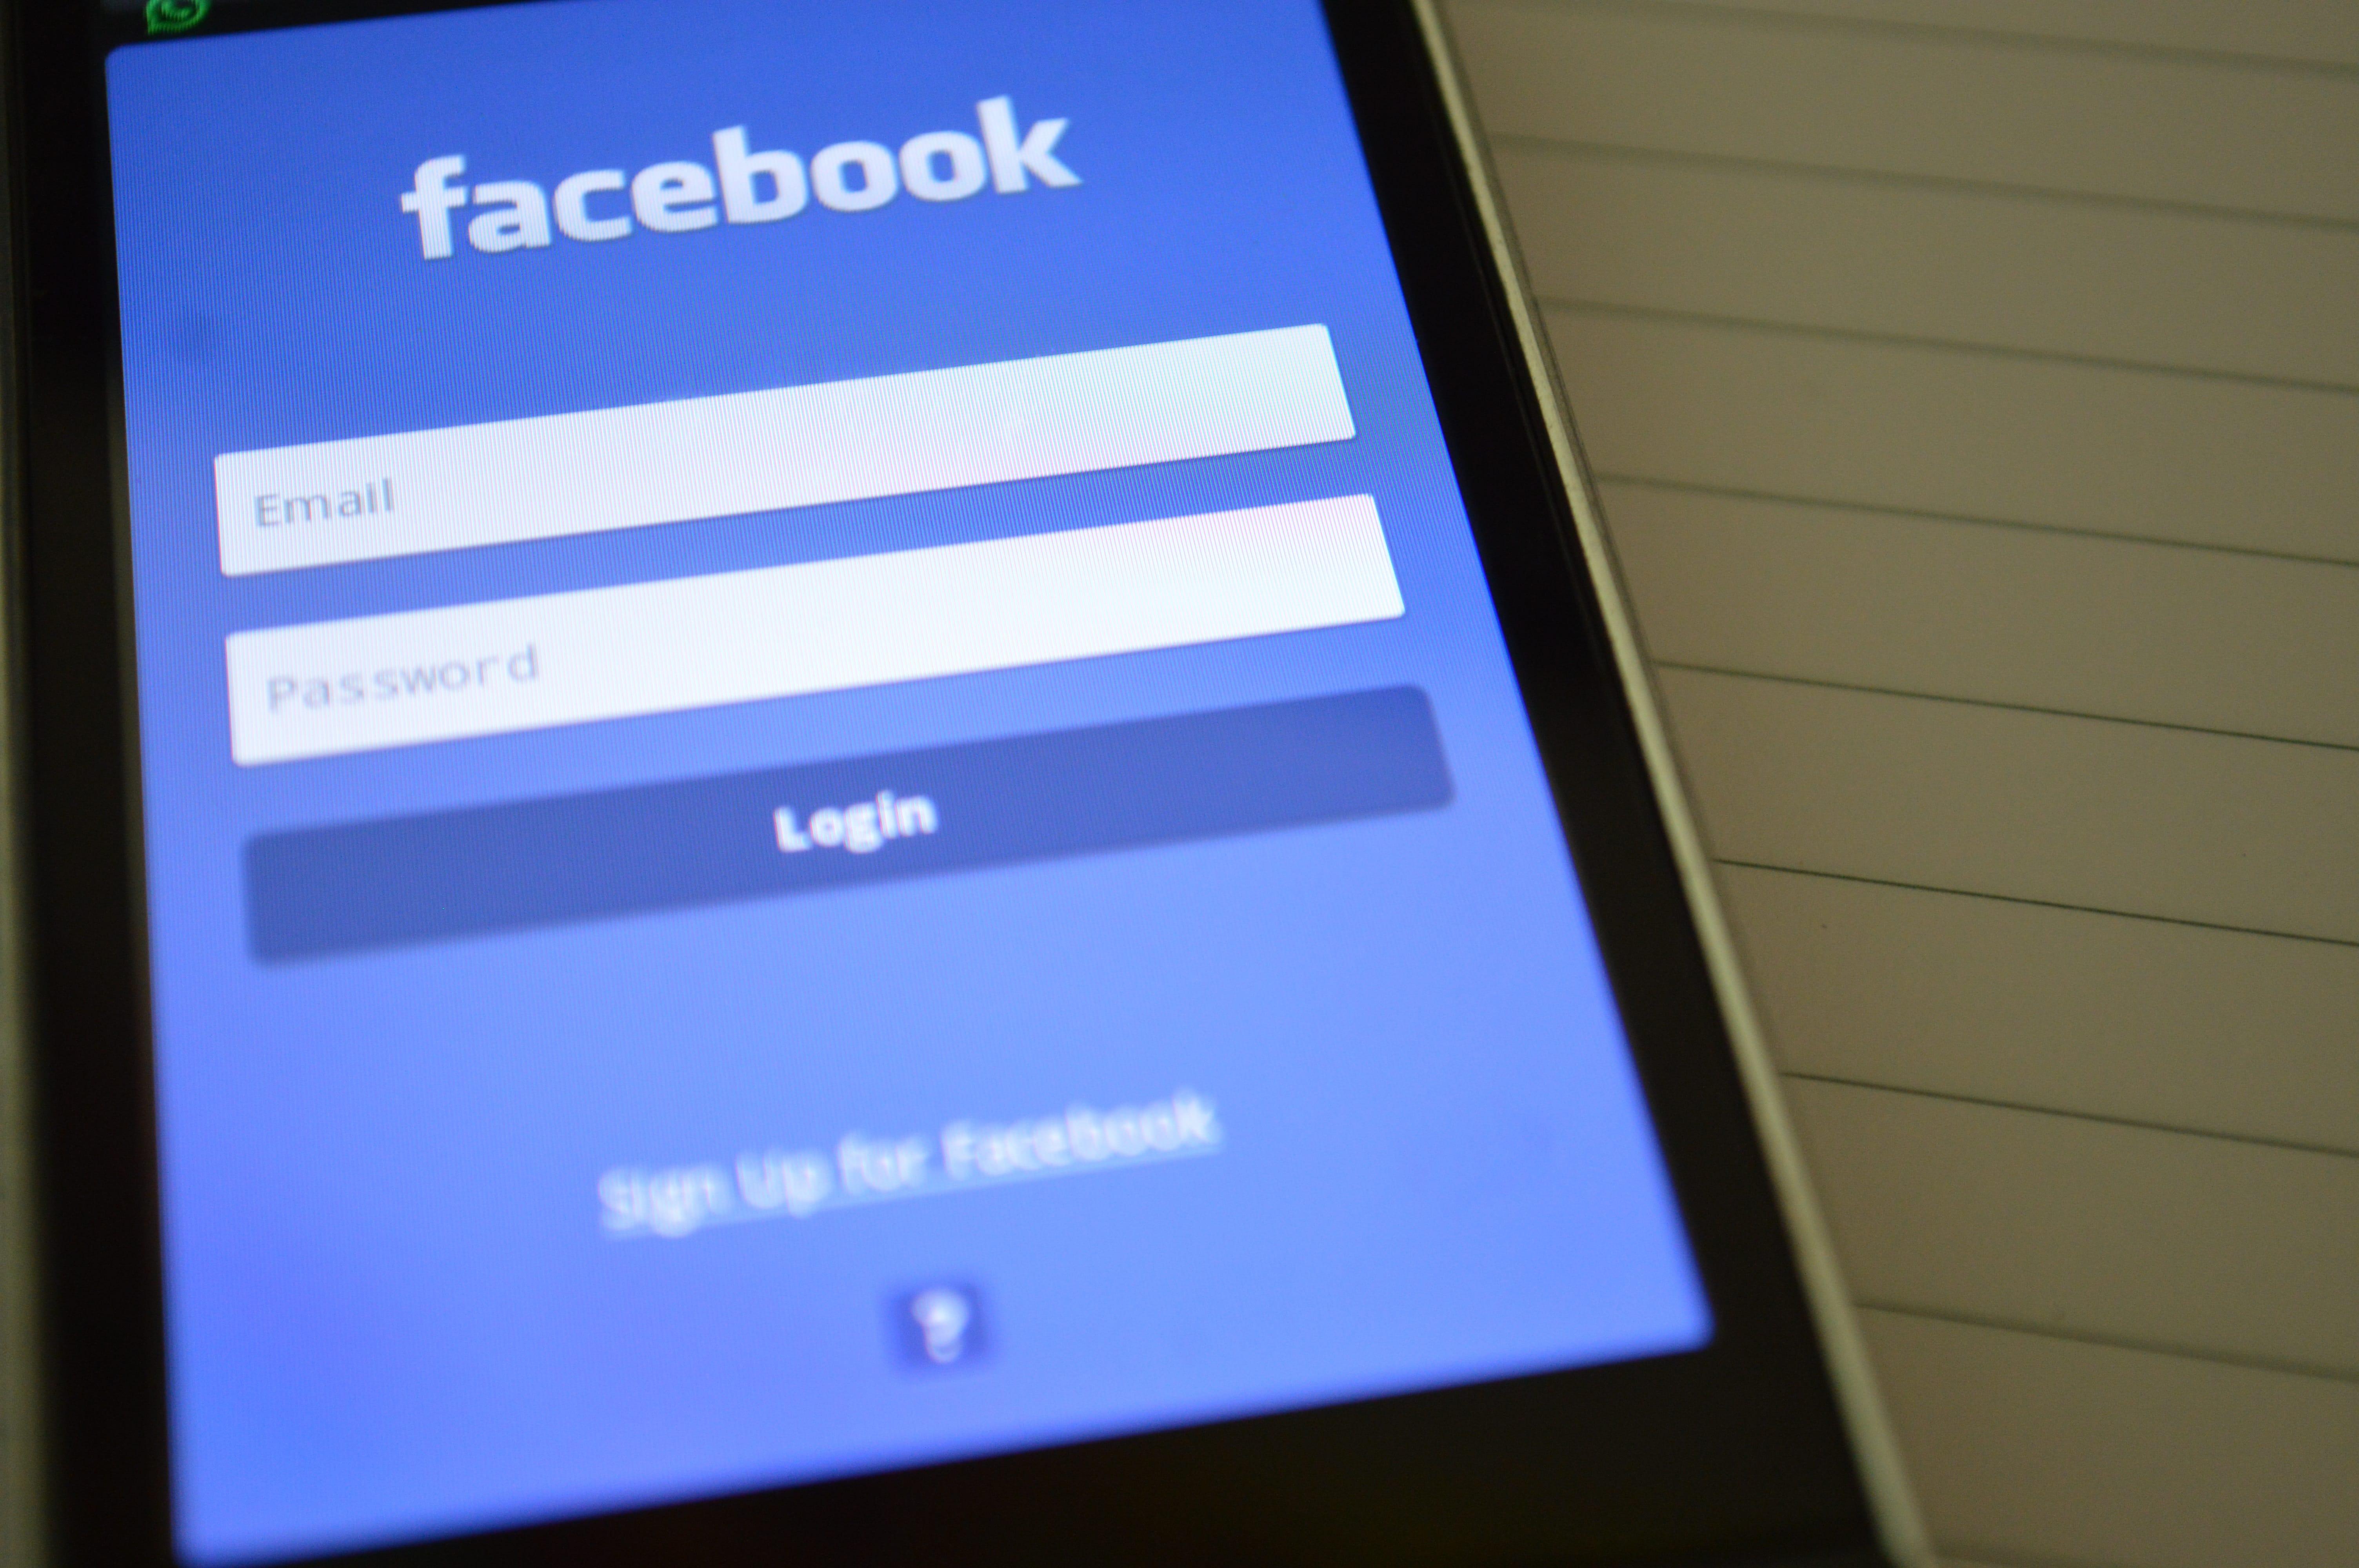 Facebook ascolta le tue conversazioni: verità o bufala?